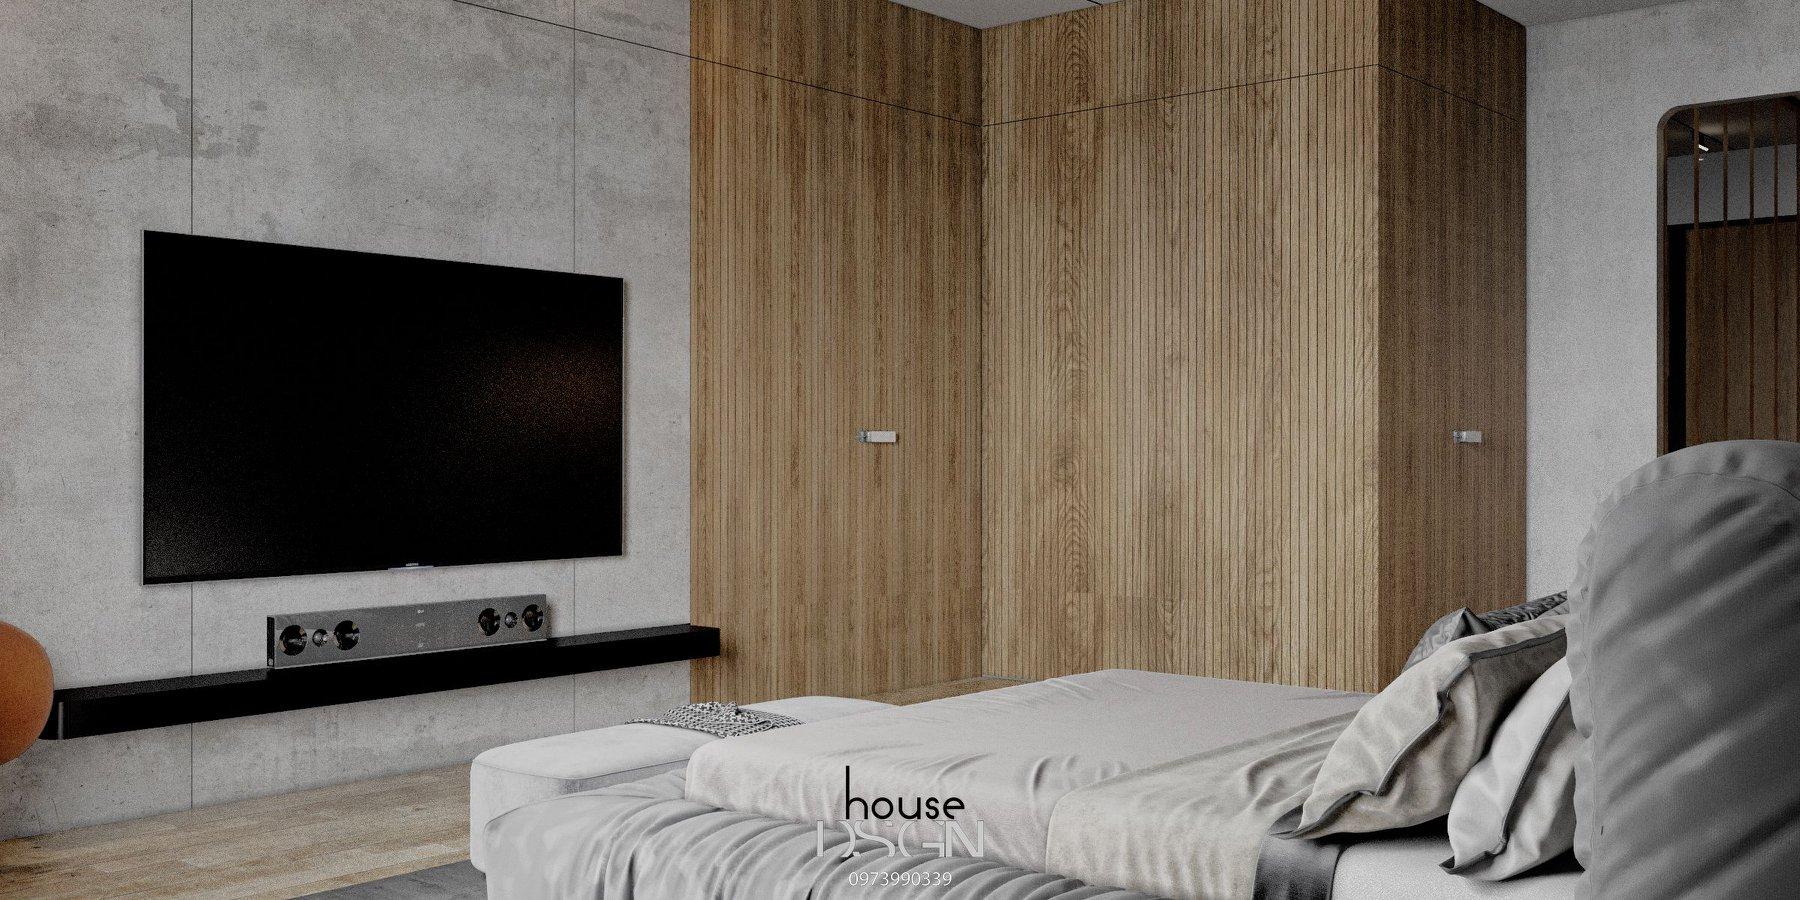 thiết kế nội thất mix and match phòng ngủ